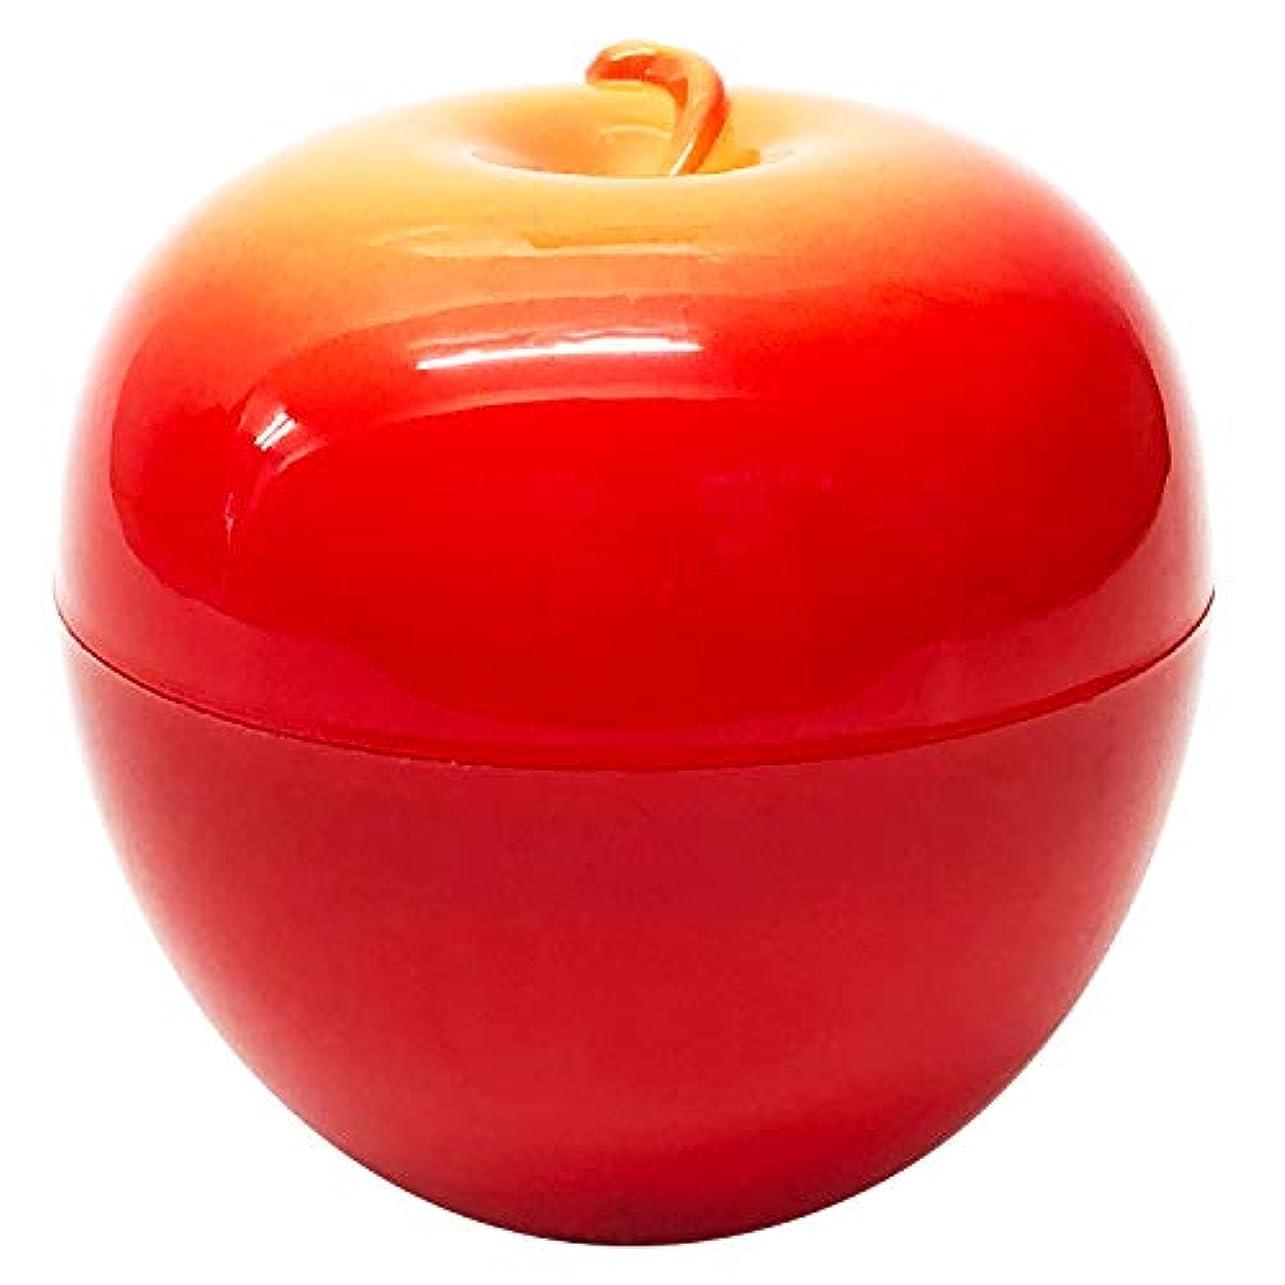 許容撤回する安全でないTokyoFruits TOKYOフルーツハンドクリームリンゴ2個セット 30g